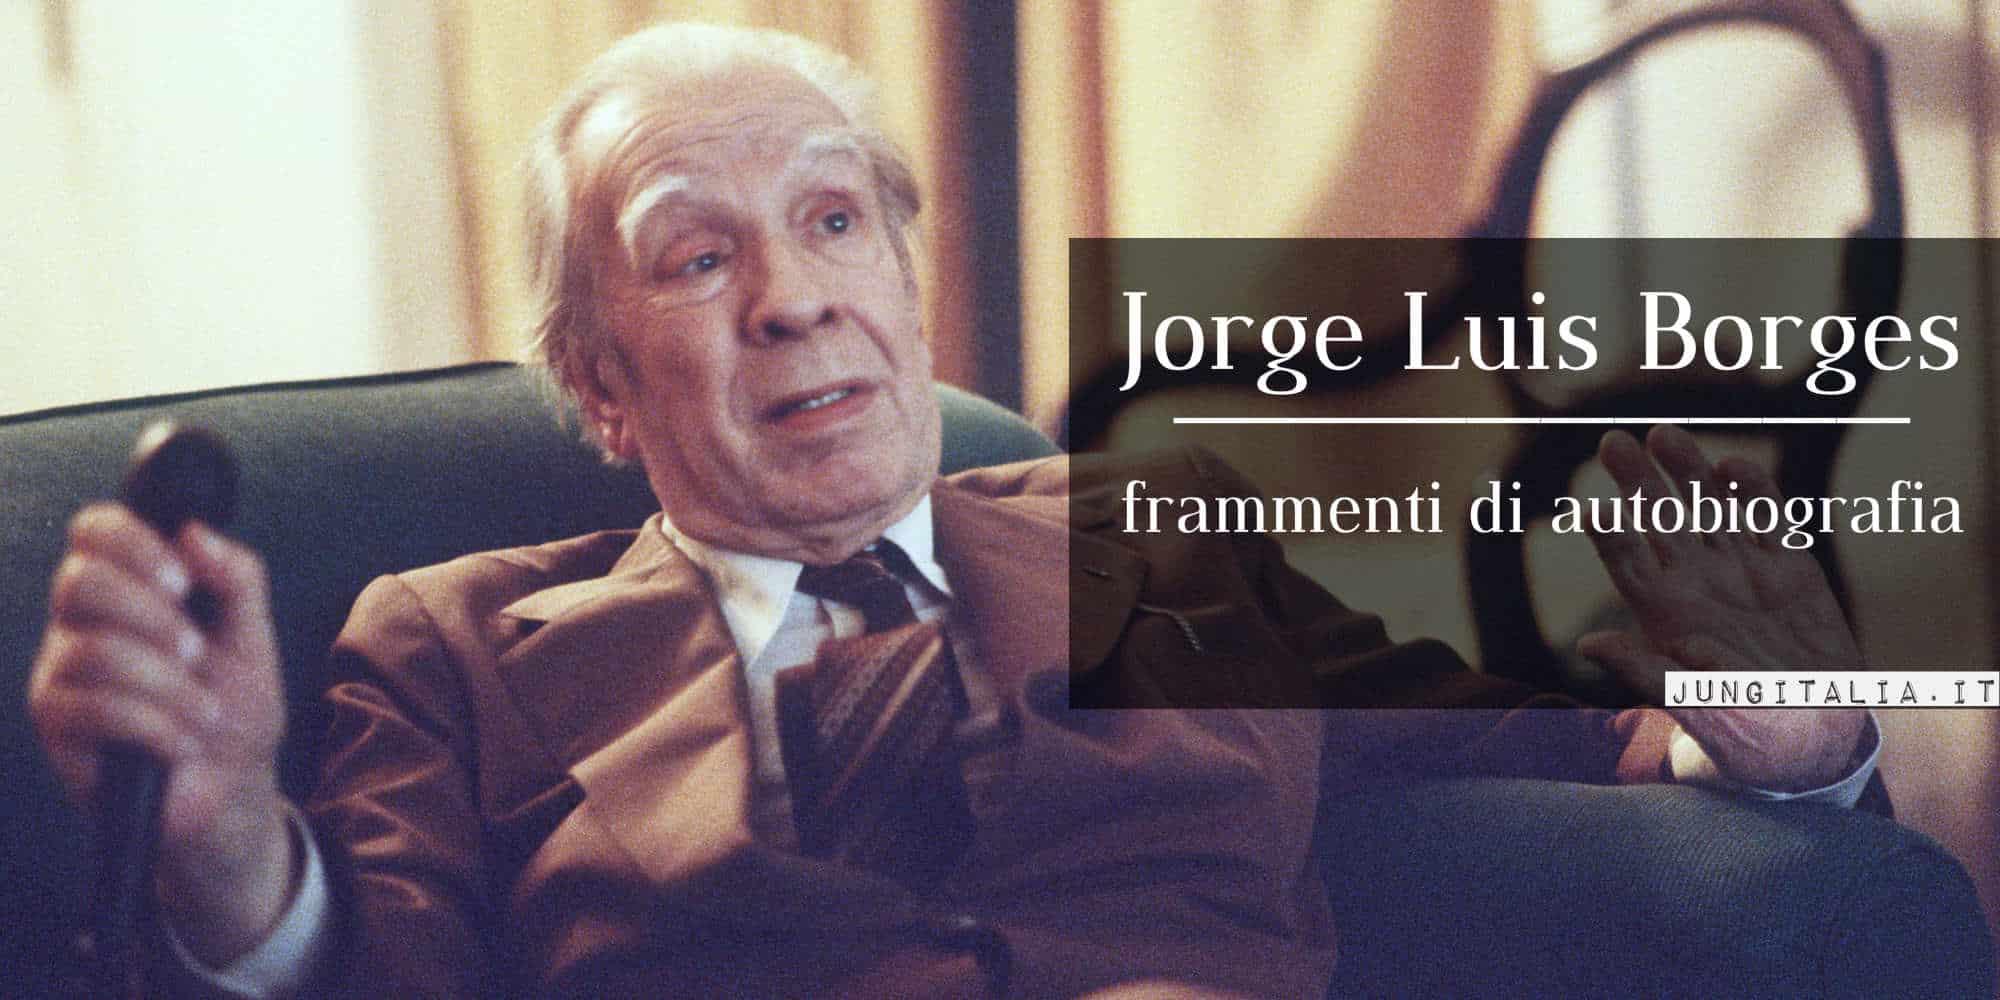 """J.L.Borges: """"Credevo che la felicità fosse inottenibile, e invece arriva, capita"""". Frammenti di autobiografia"""